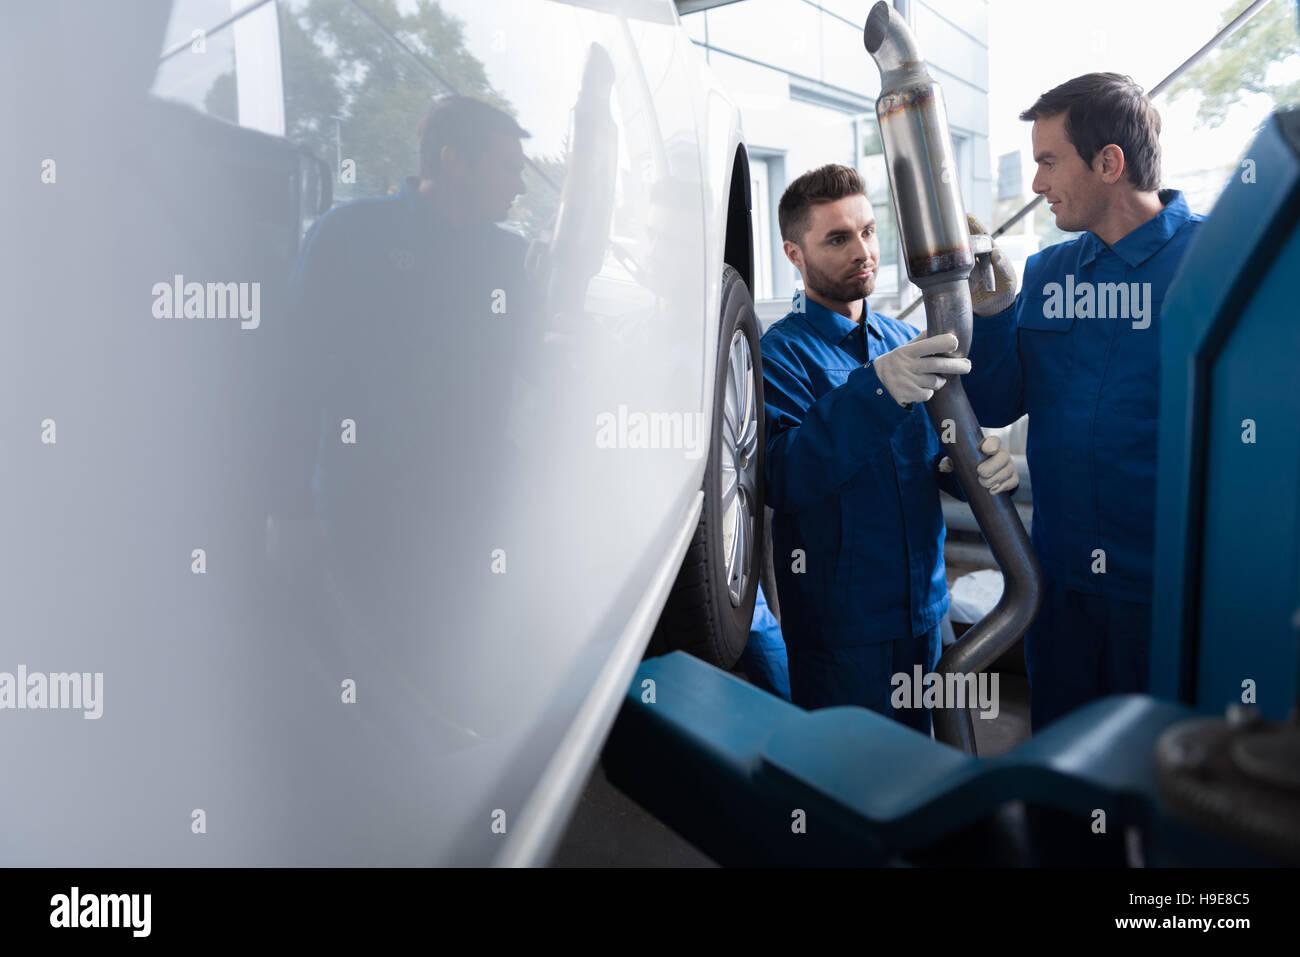 Professionelle Auto Mechaniker Vernarbung Schalldämpfer Stockbild